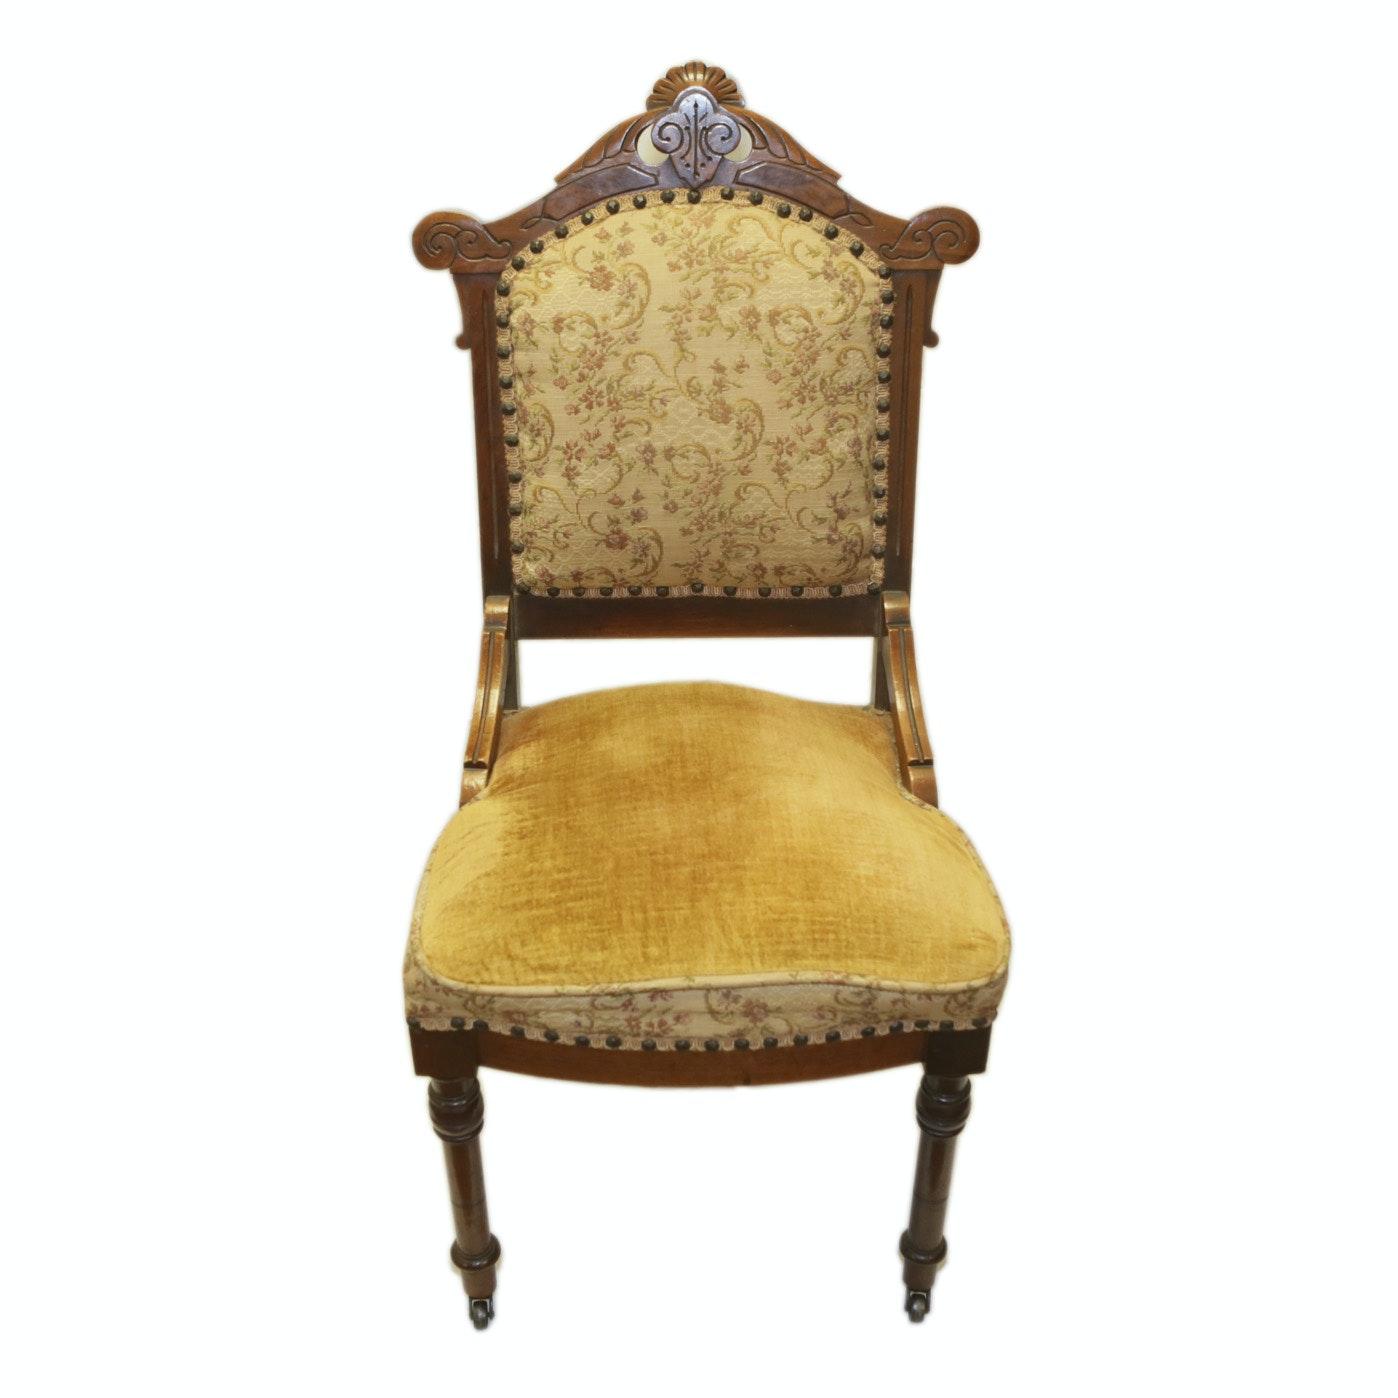 Antique Eastlake Side Chair with Velvet Upholstery